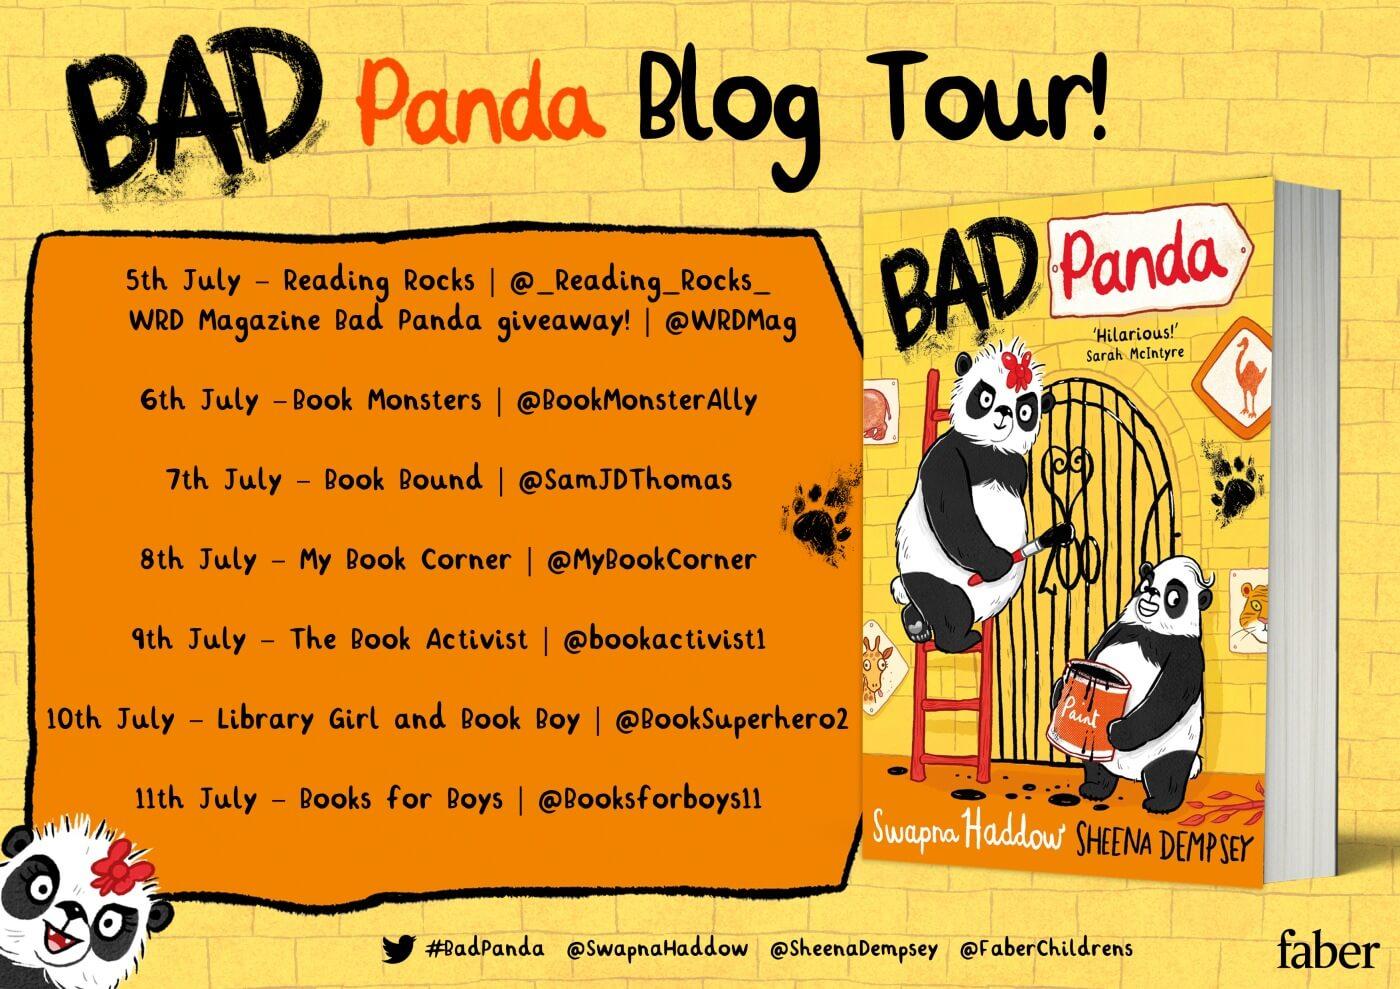 Bad panda blog tour dates